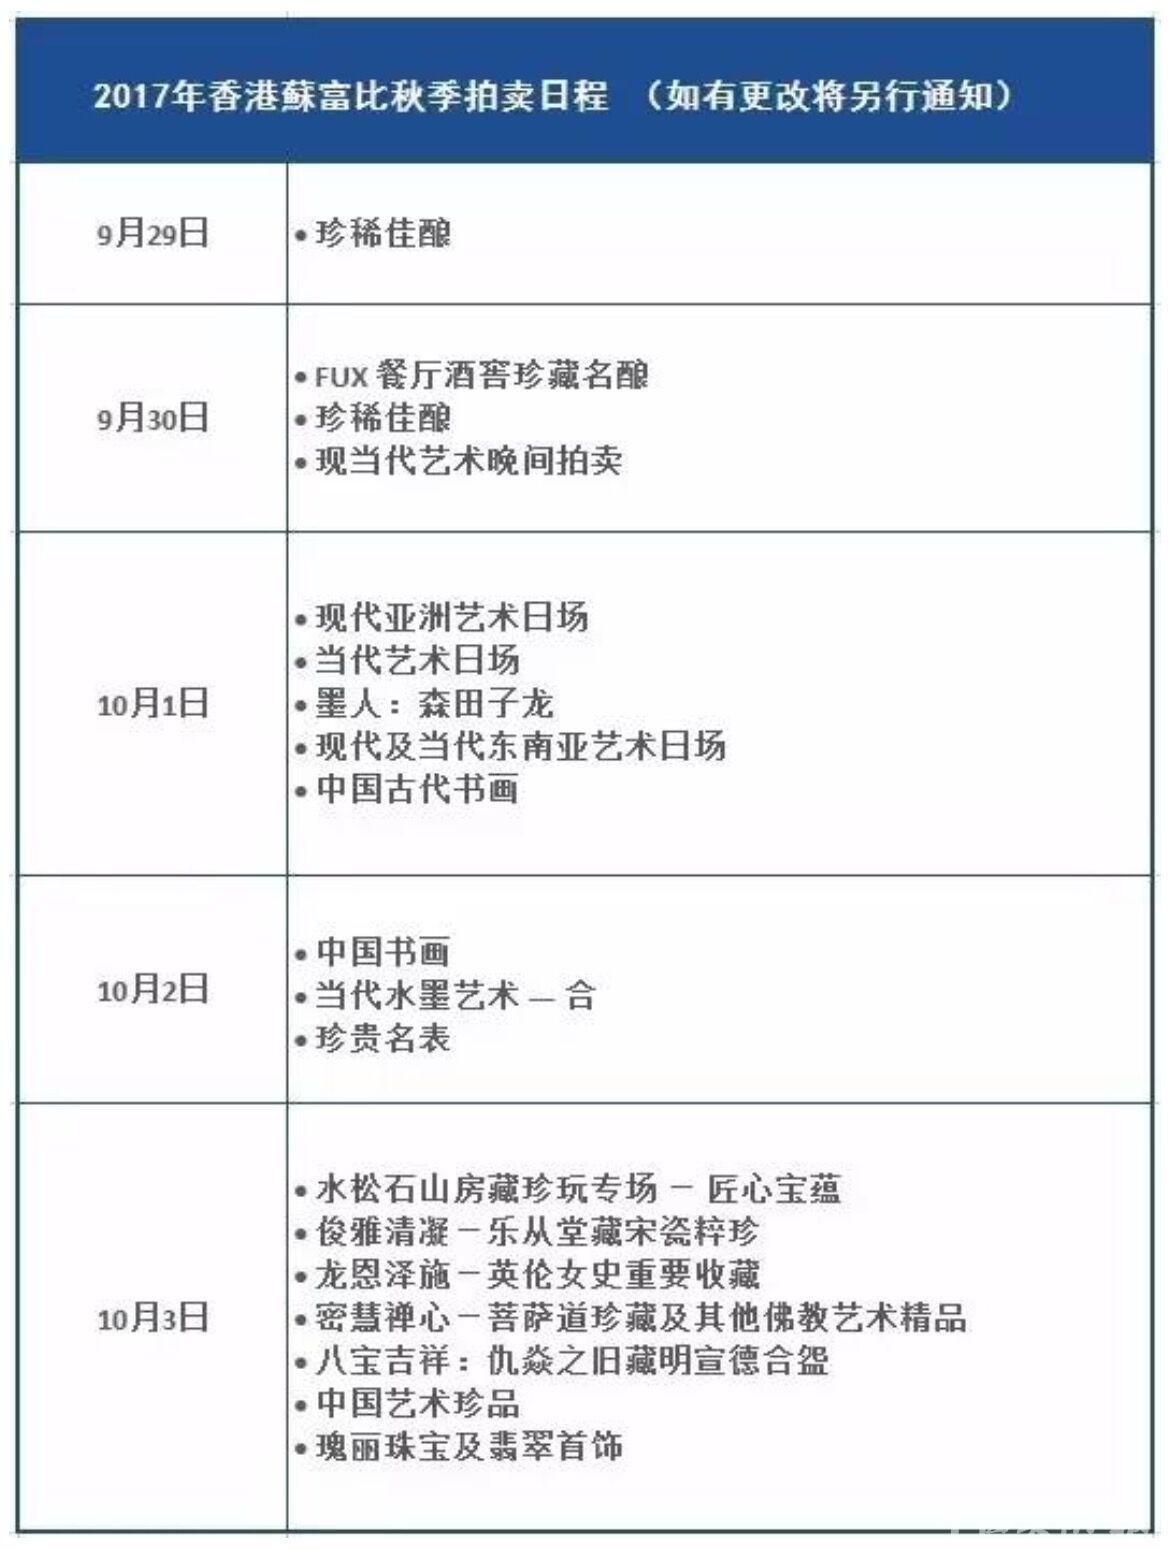 meishubao/2017090923530935737.jpg